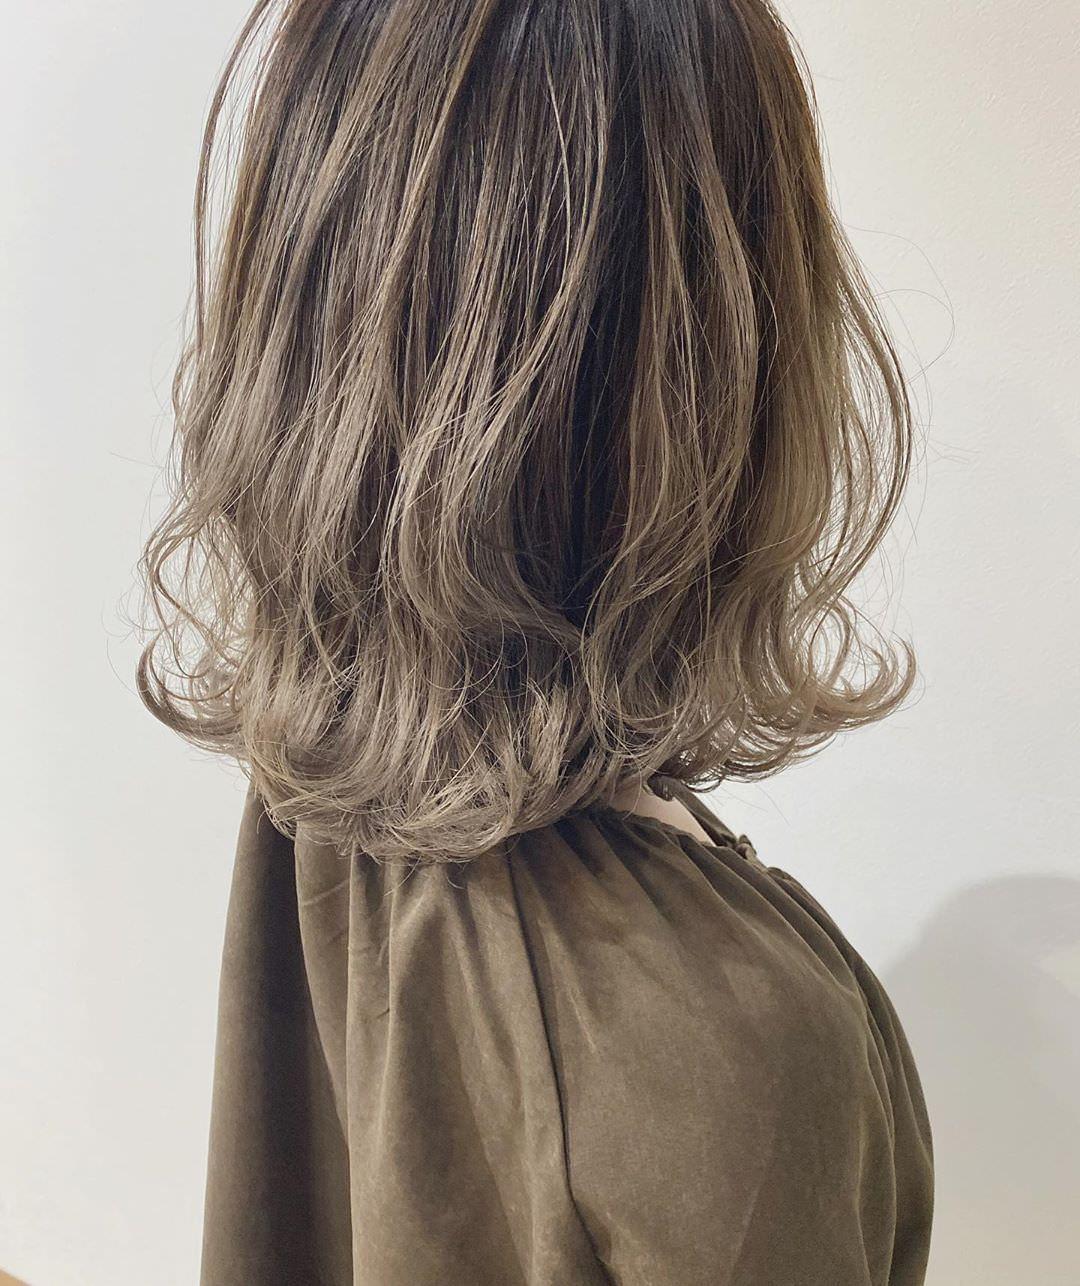 寒いから髪を結びたくない!そんな女子たちにおすすめの巻き髪スタイル3